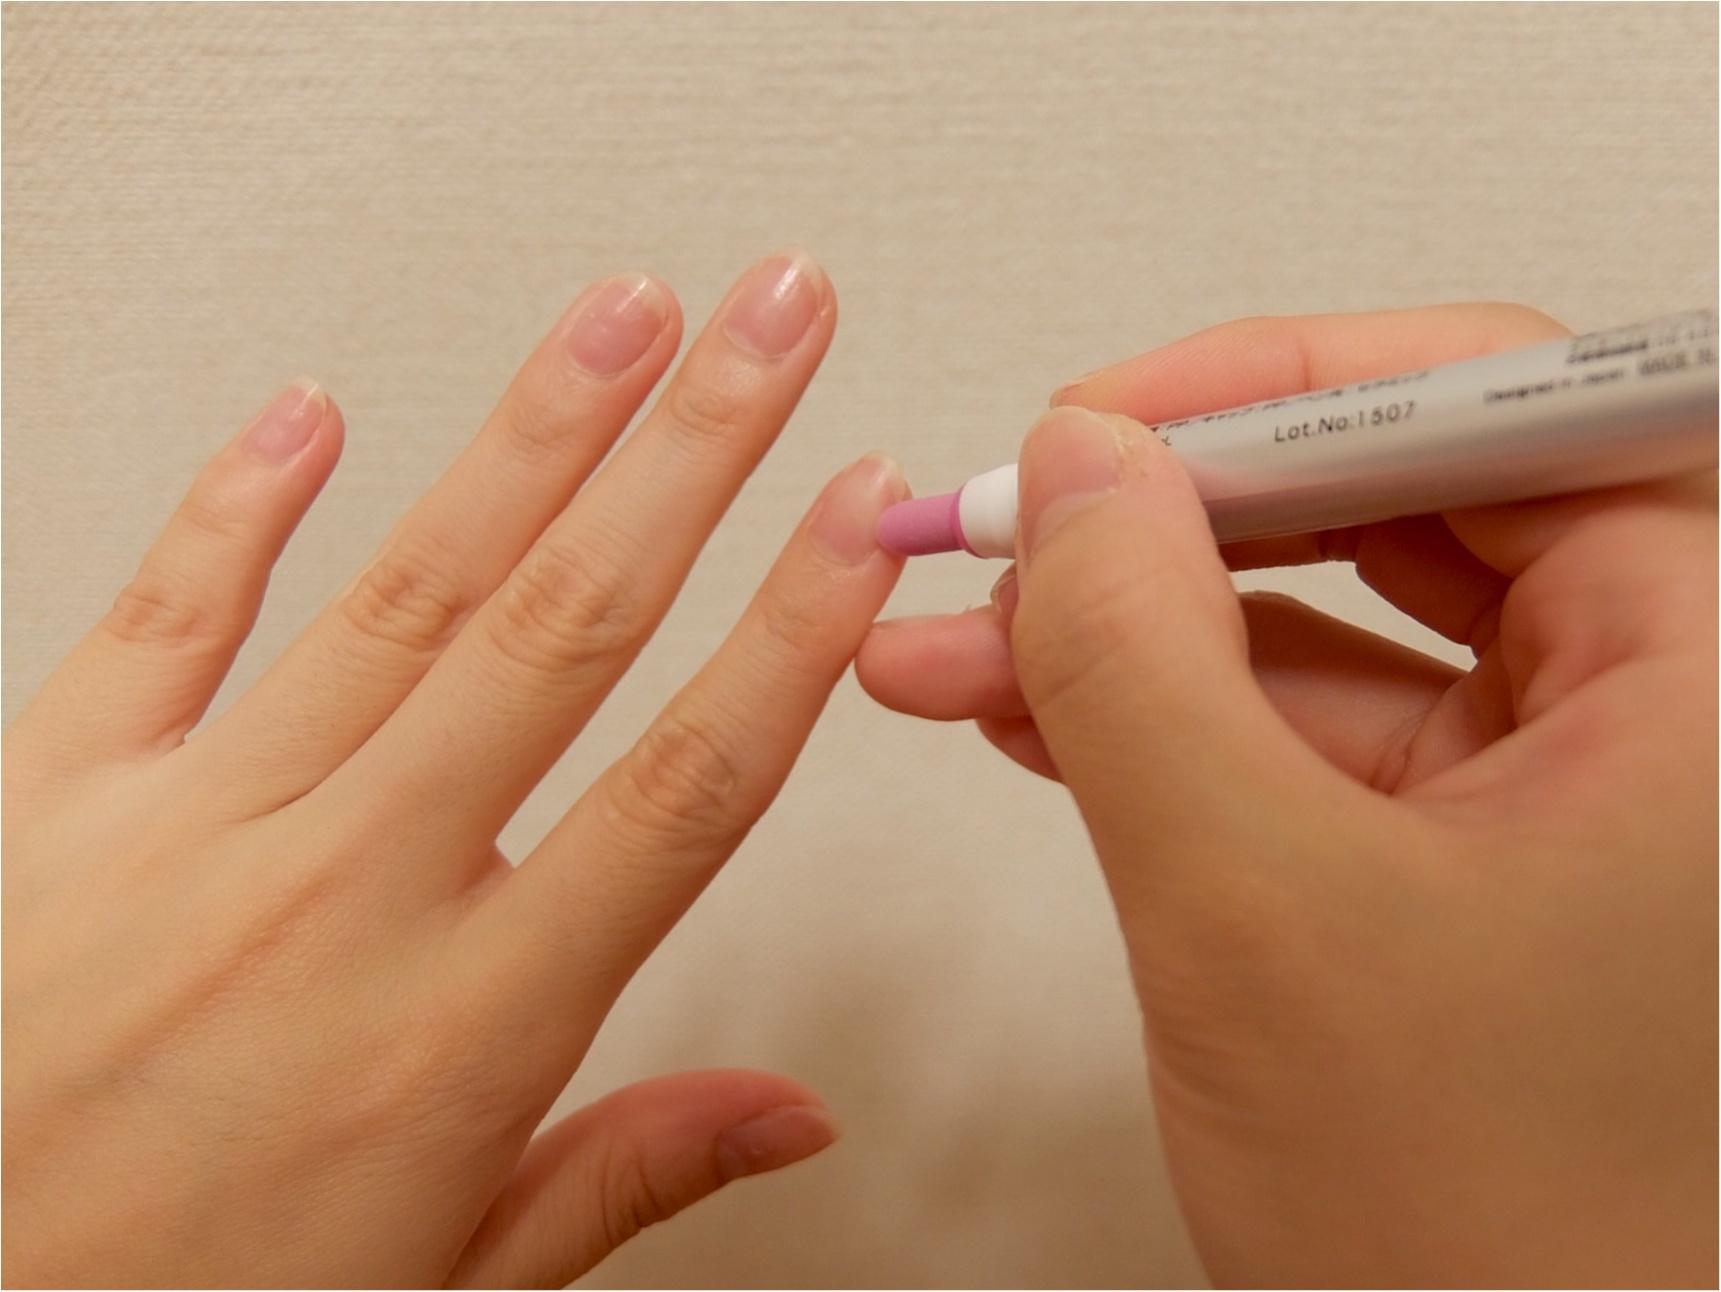 ネイル前のひと手間で指先がもっと綺麗になる!自宅でできる簡単ネイルケア方法♡_4